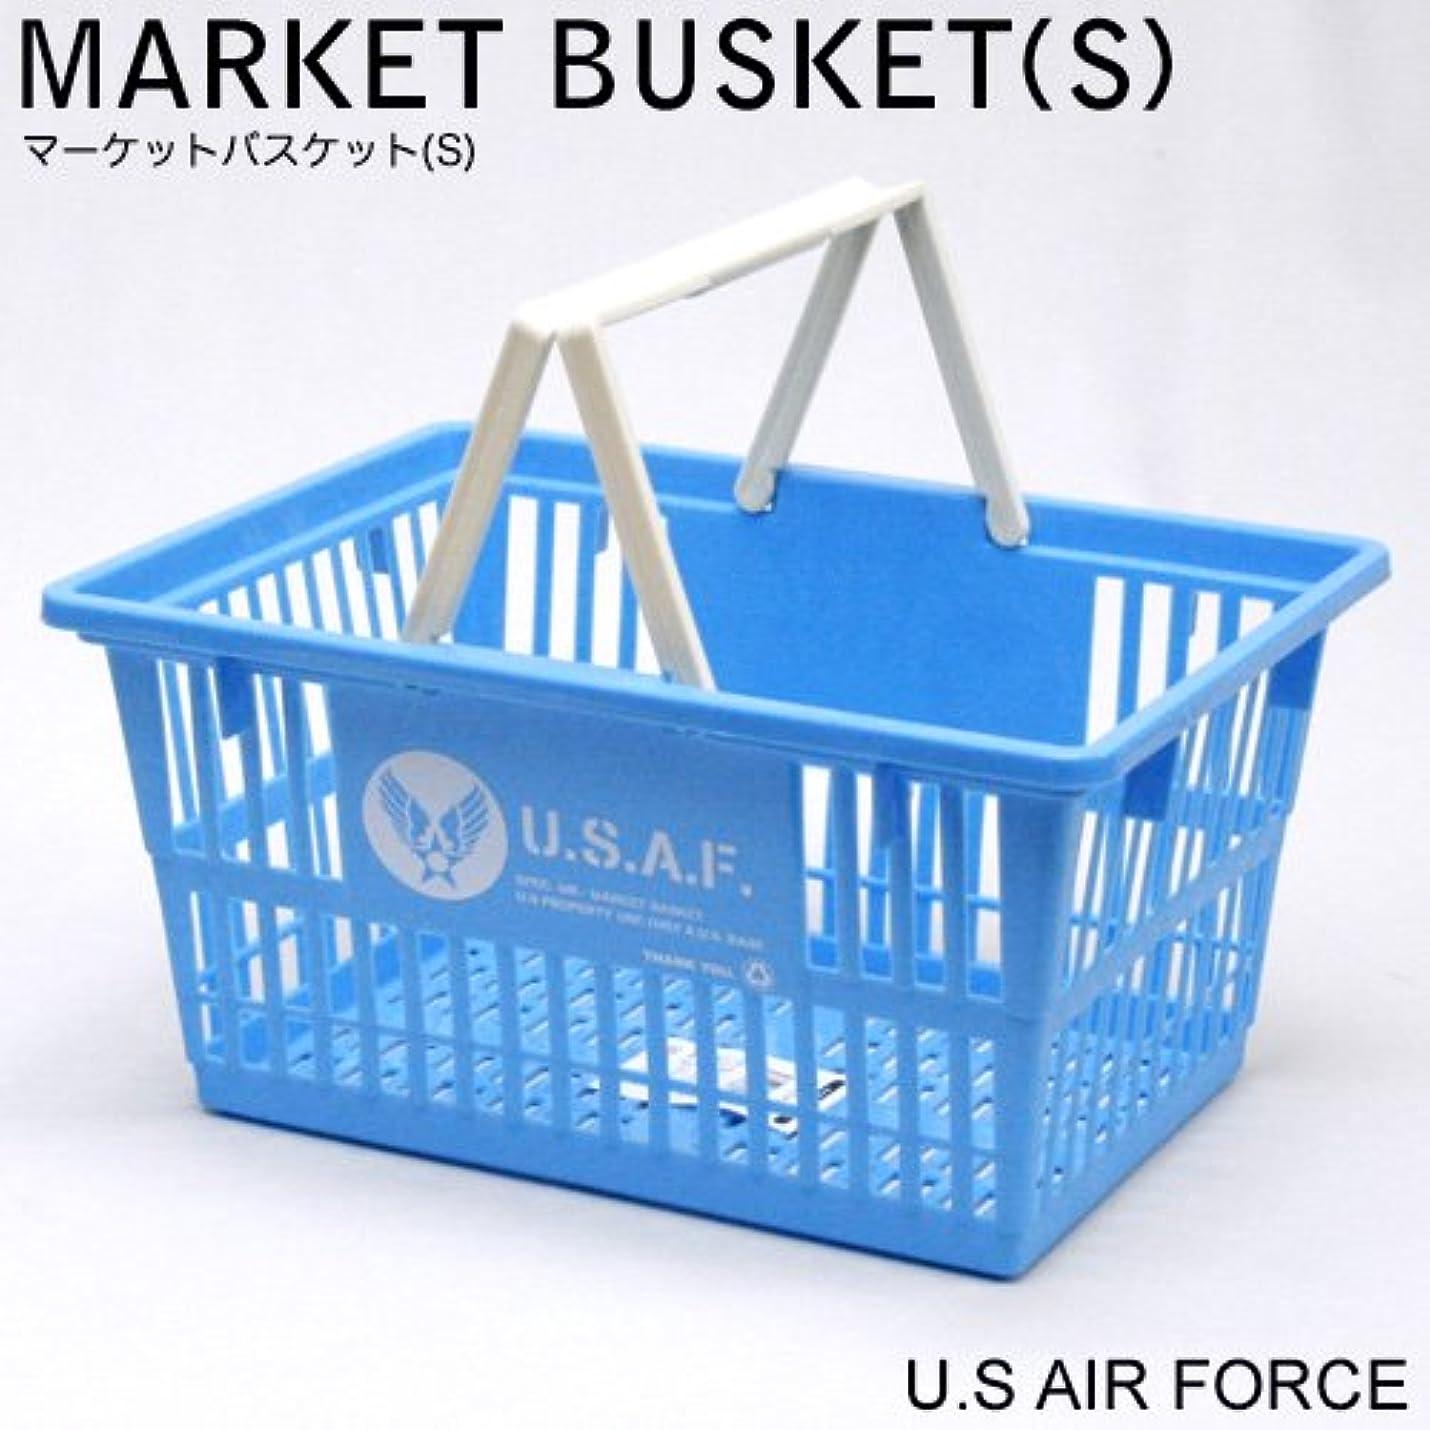 以前は米国抑圧するアメリカンデザインが映えるショッピングバスケット。マーケットバスケット Sサイズ <U.S.AIR FORCE>